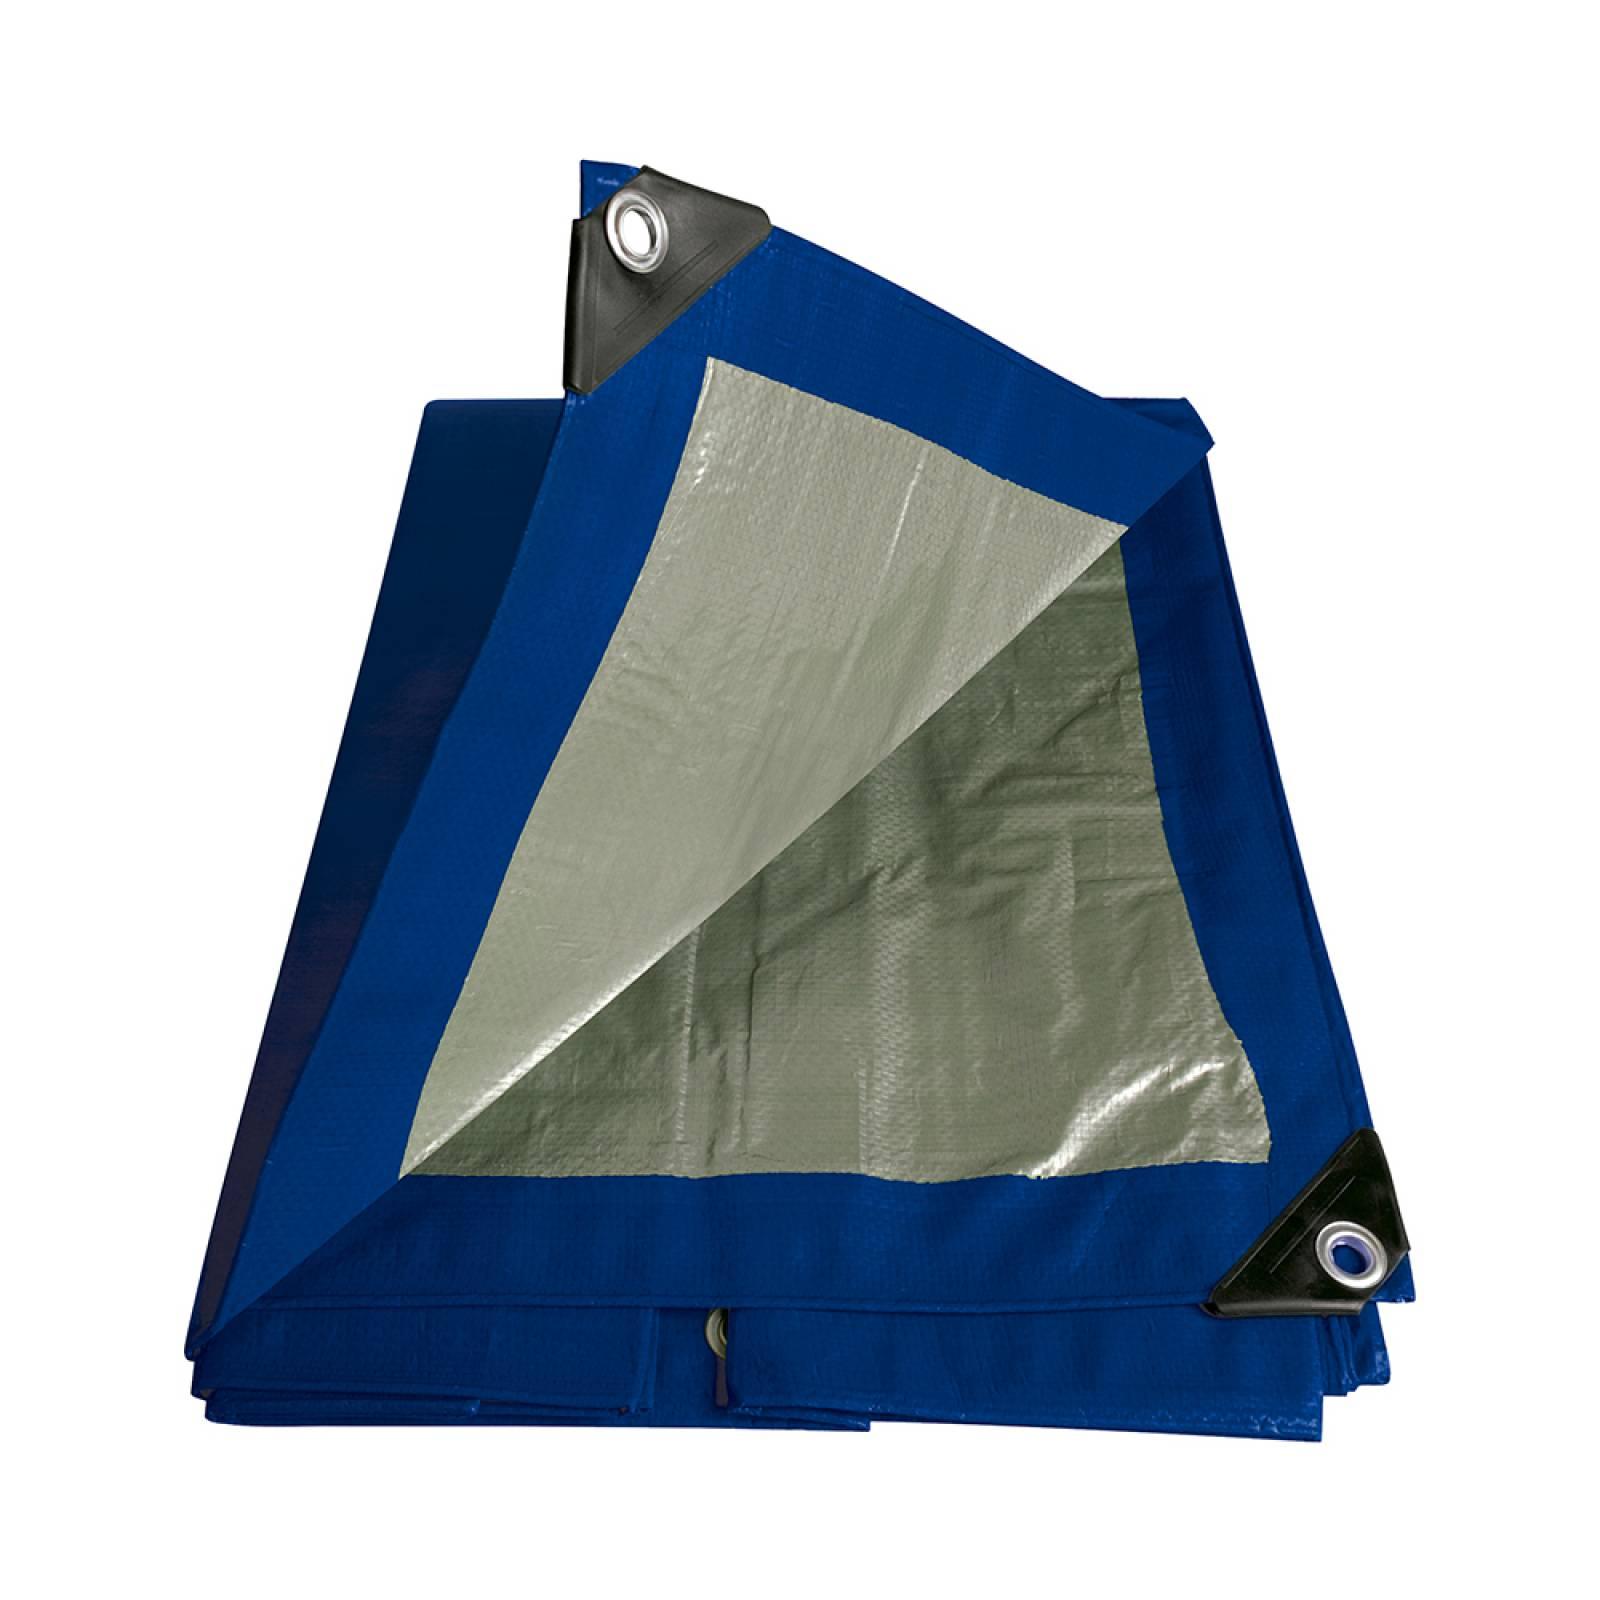 Lona Polietileno Azul 3 X 3M Balta 190211 Balta